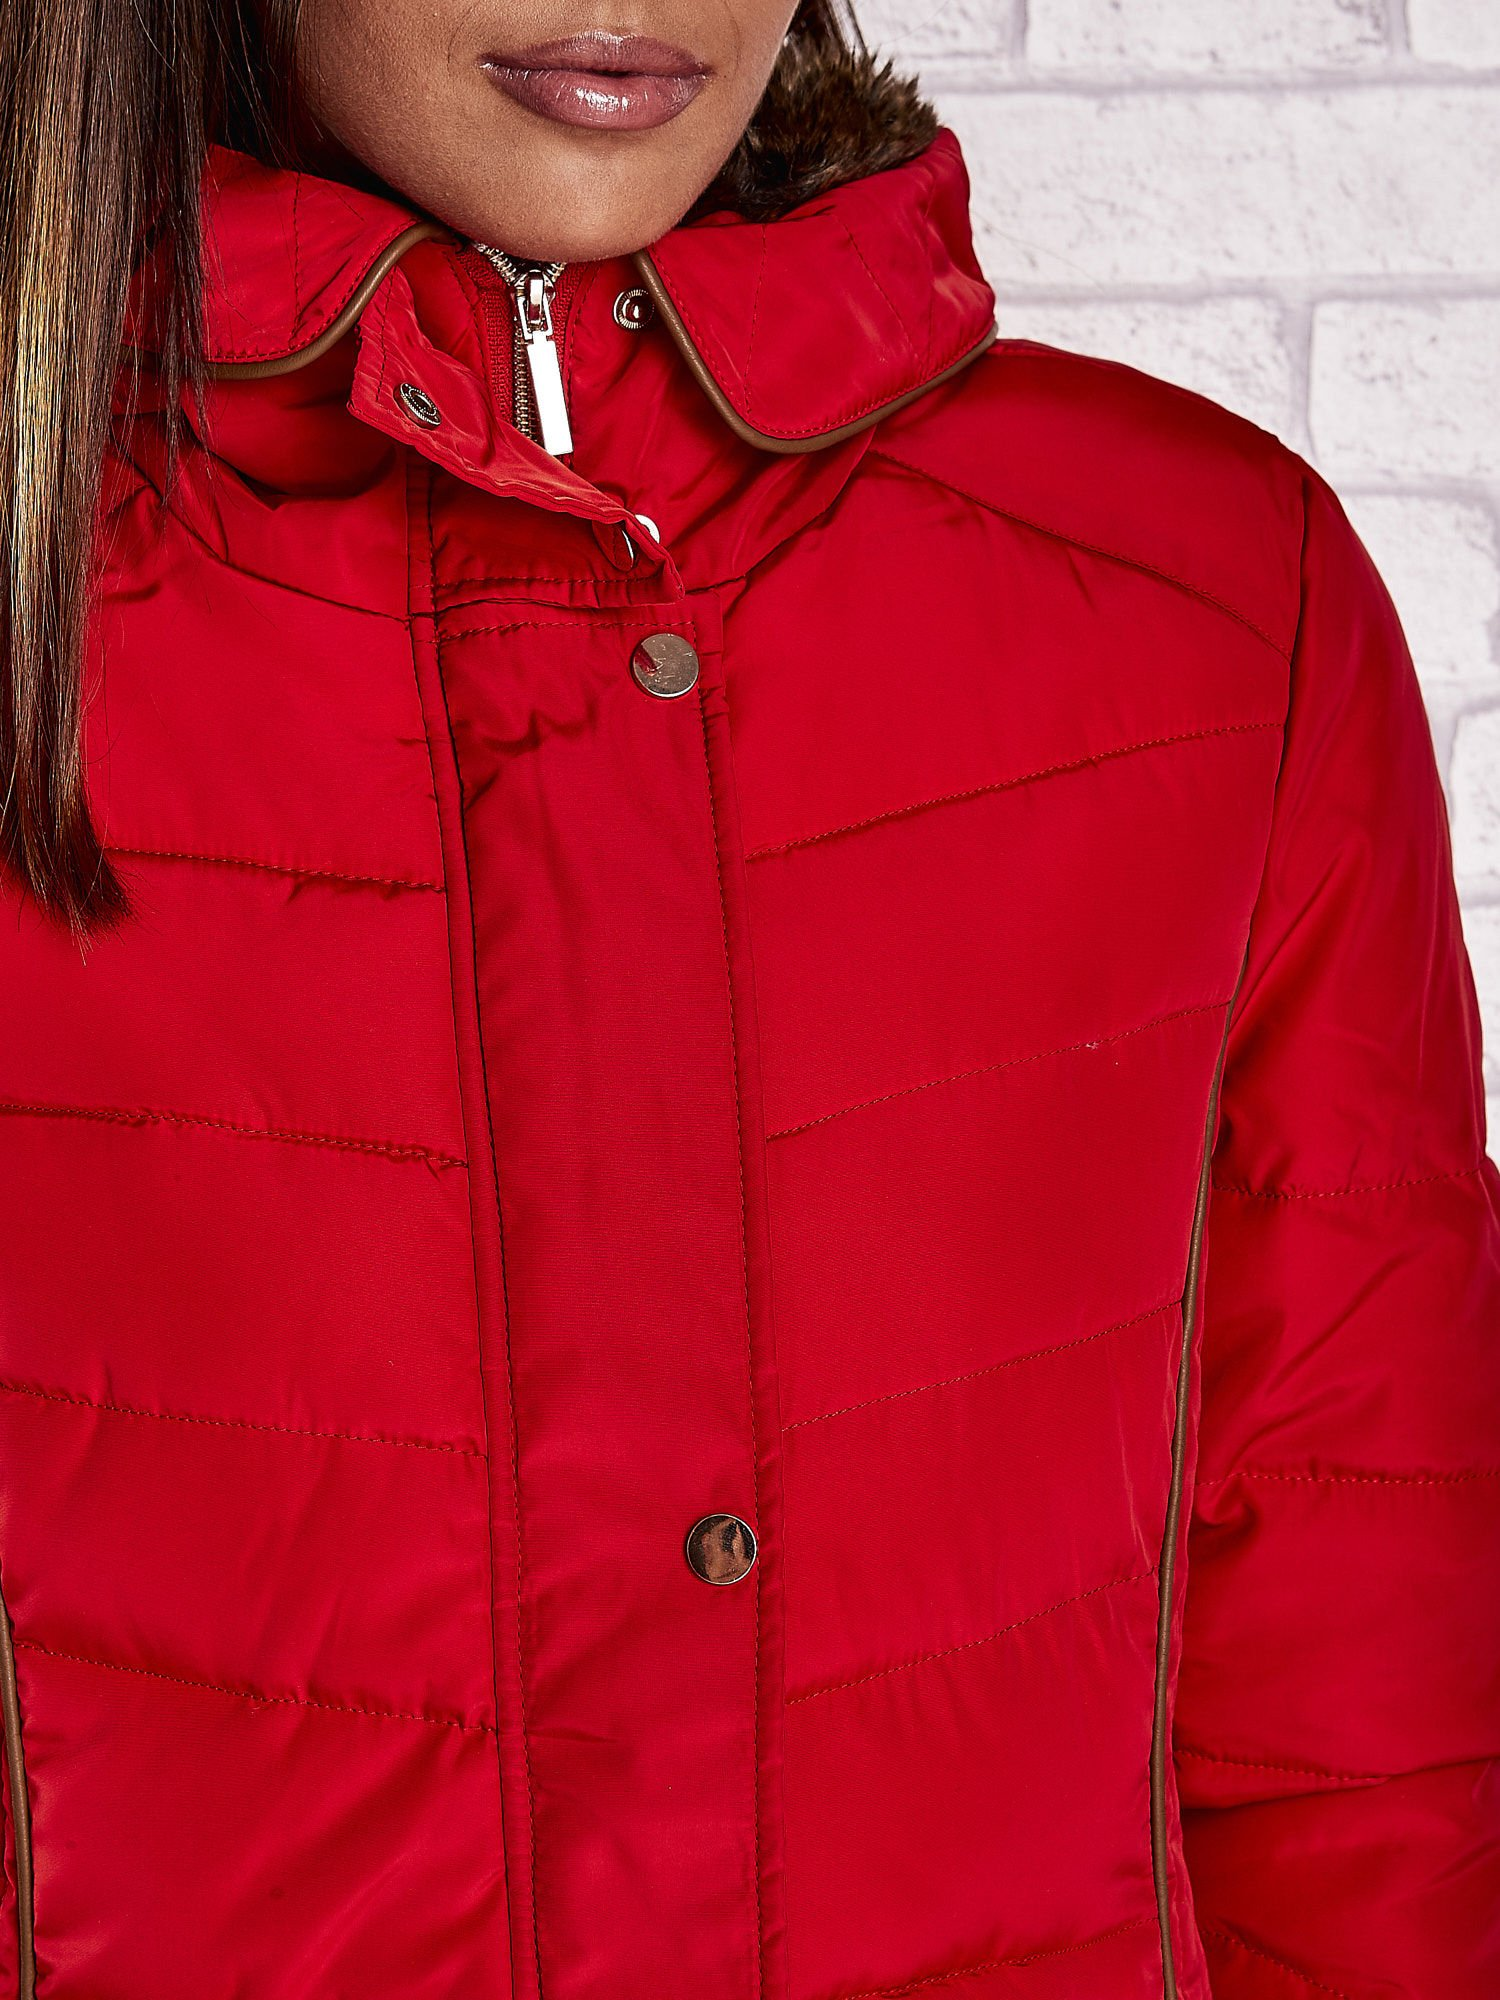 Czerwona kurtka zimowa ze skórzaną lamówką i futrzanym kapturem                                  zdj.                                  7